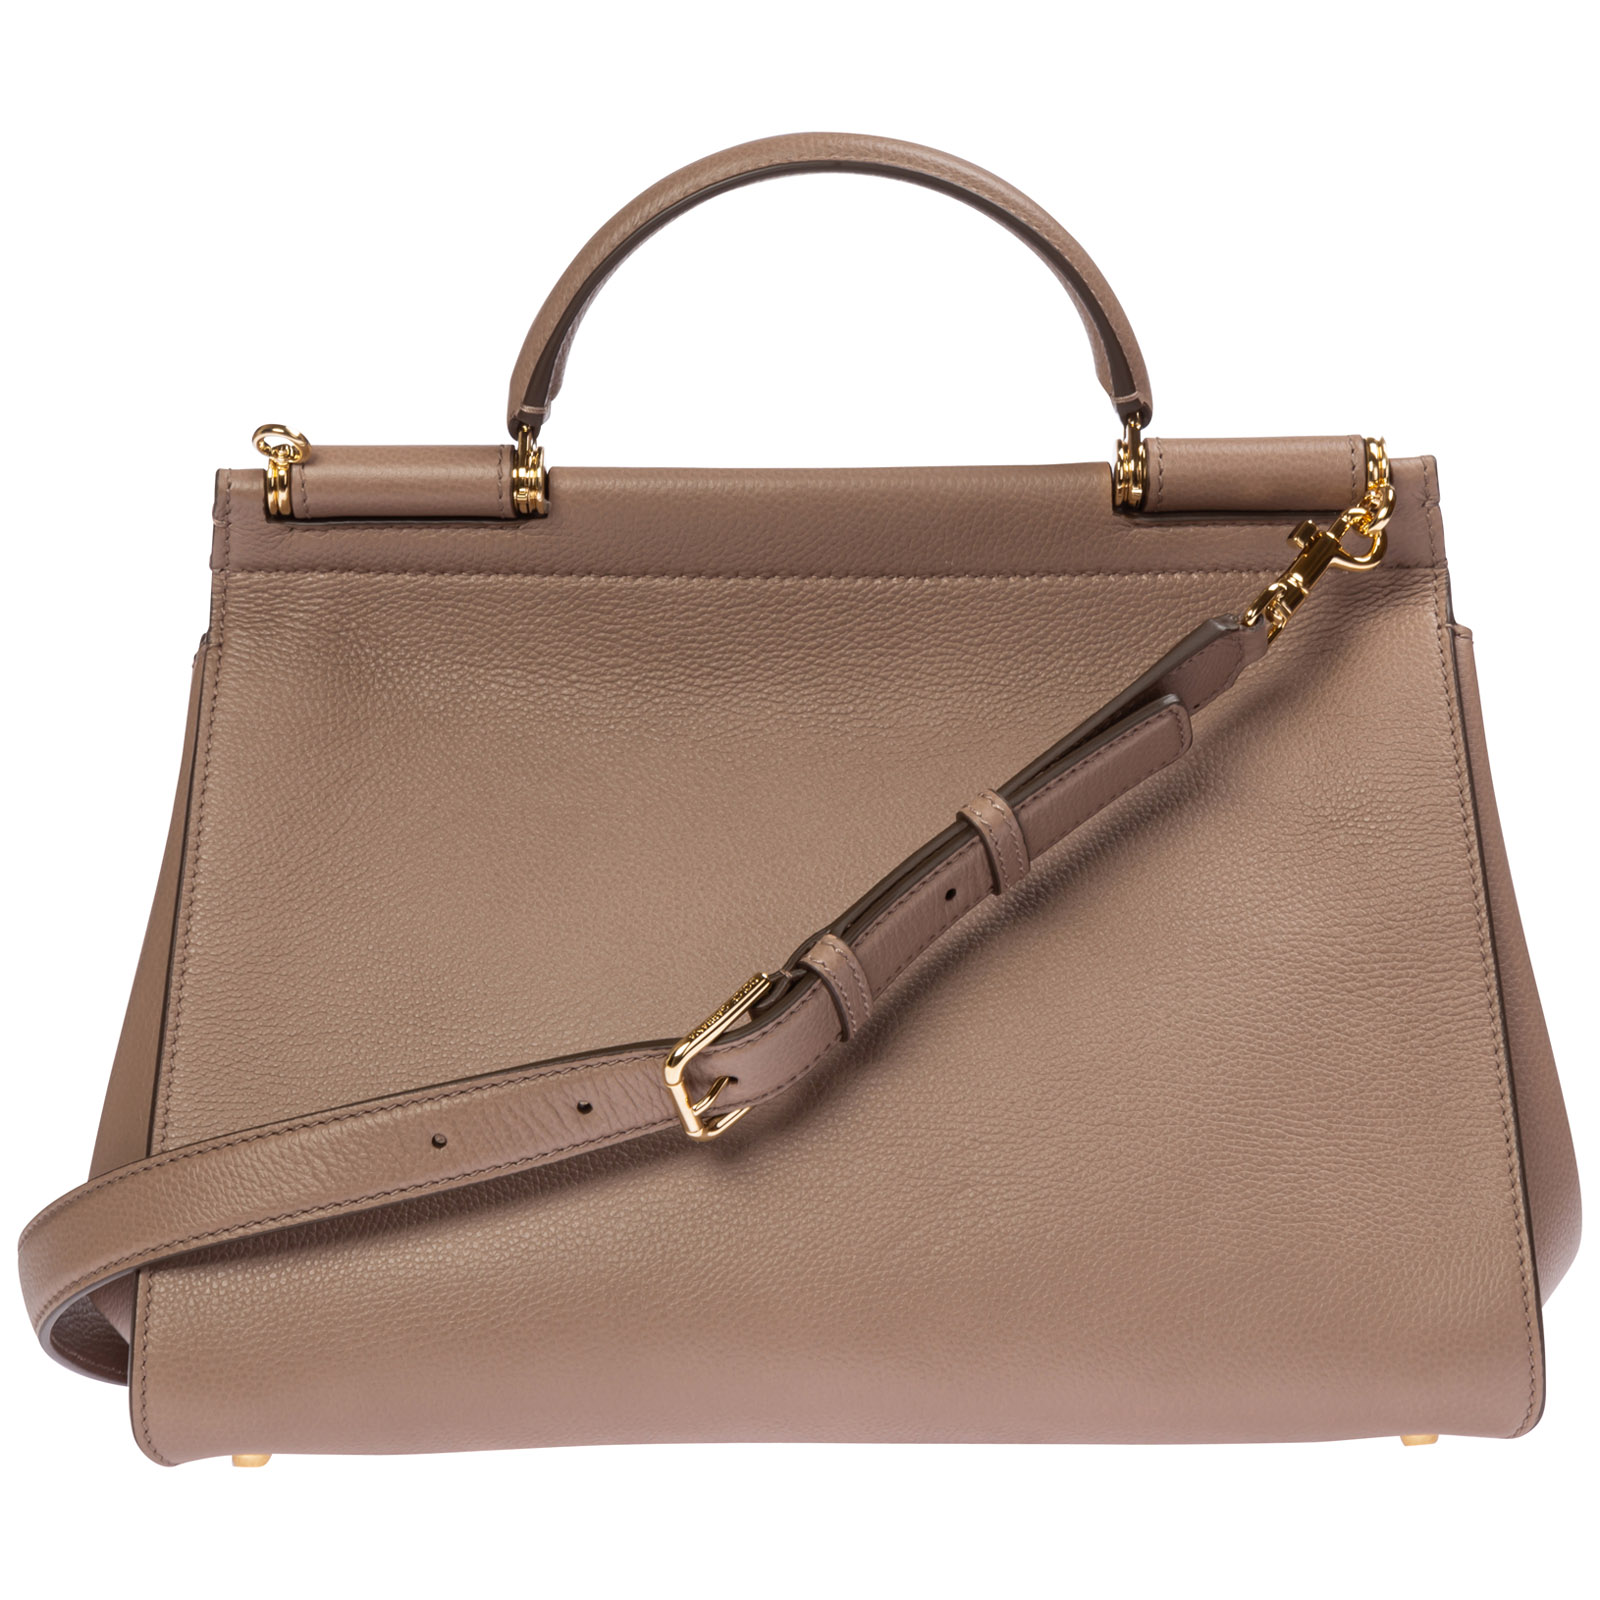 Michael Kors Leder Handtasche Damen Tasche Bag savannah Gold